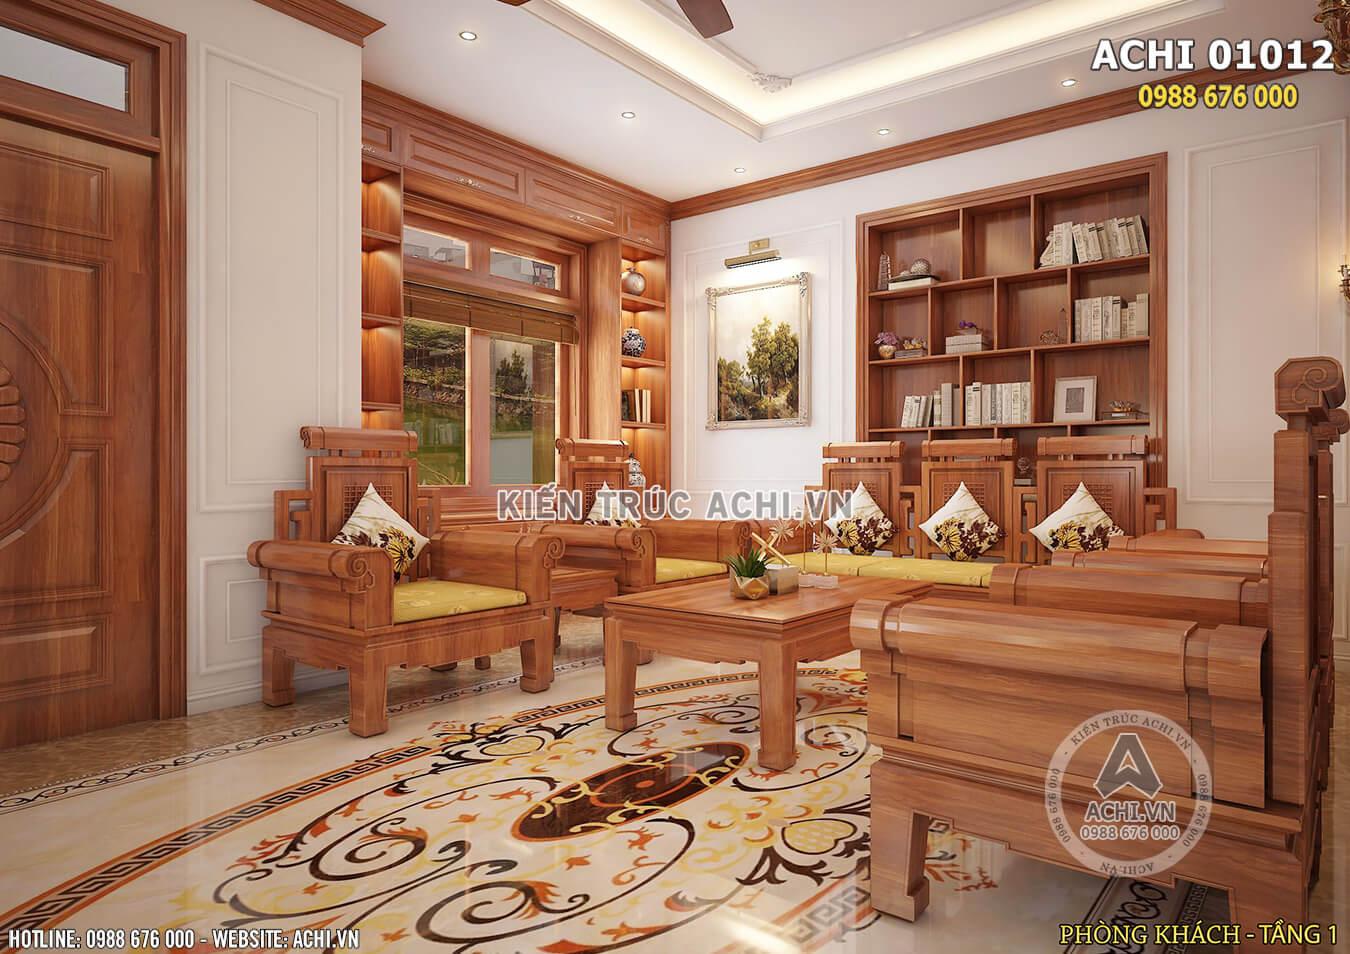 Thiết kế nội thất biệt thự bằng gỗ sang trọng - ACHI 01012